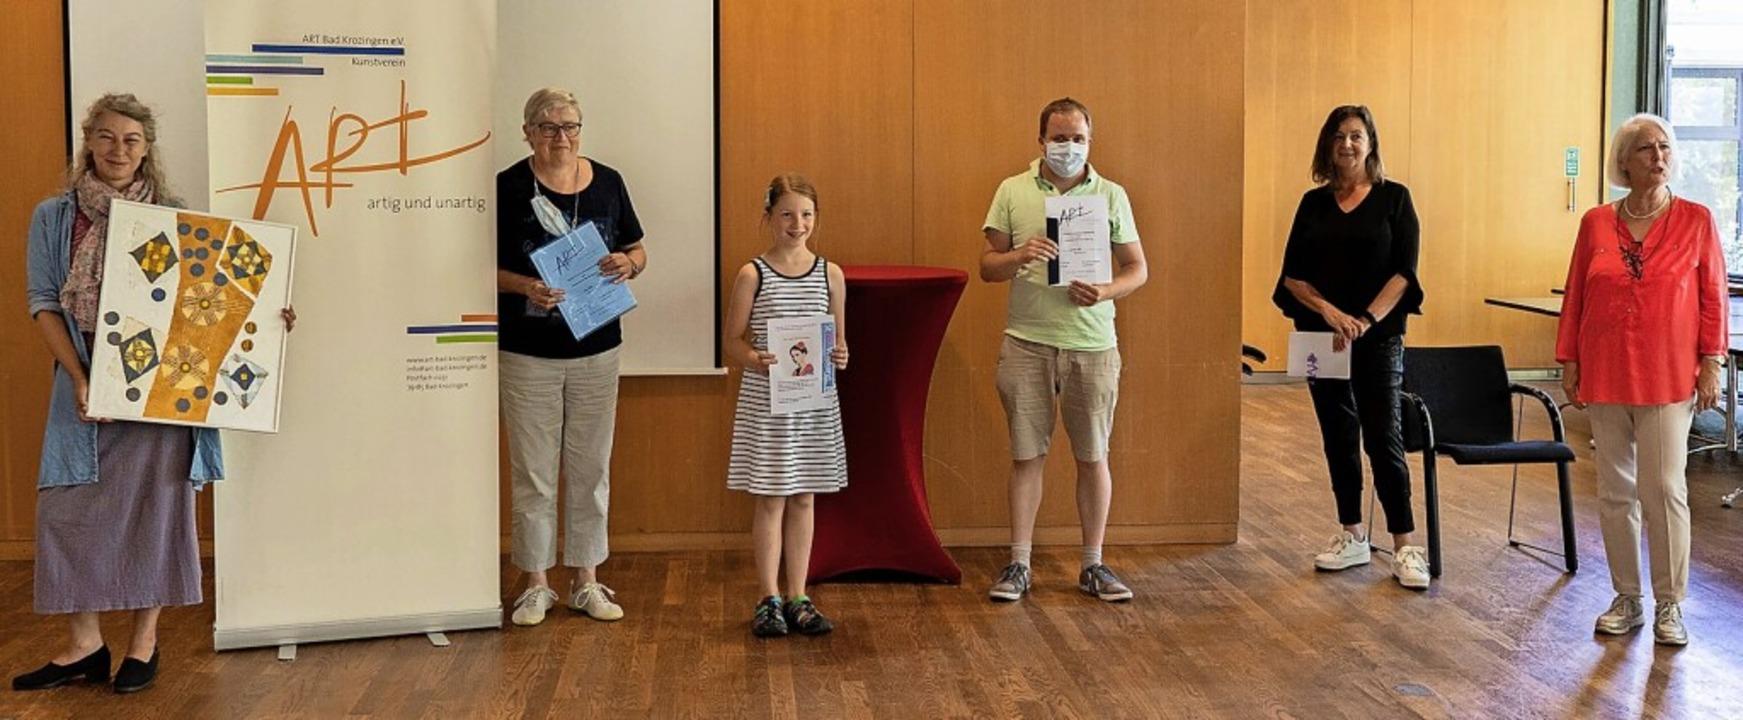 Als Kunstkenner bewiesen   (von links)... die  Vorsitzende des Kunstvereins Art  | Foto: Lisa Petrich